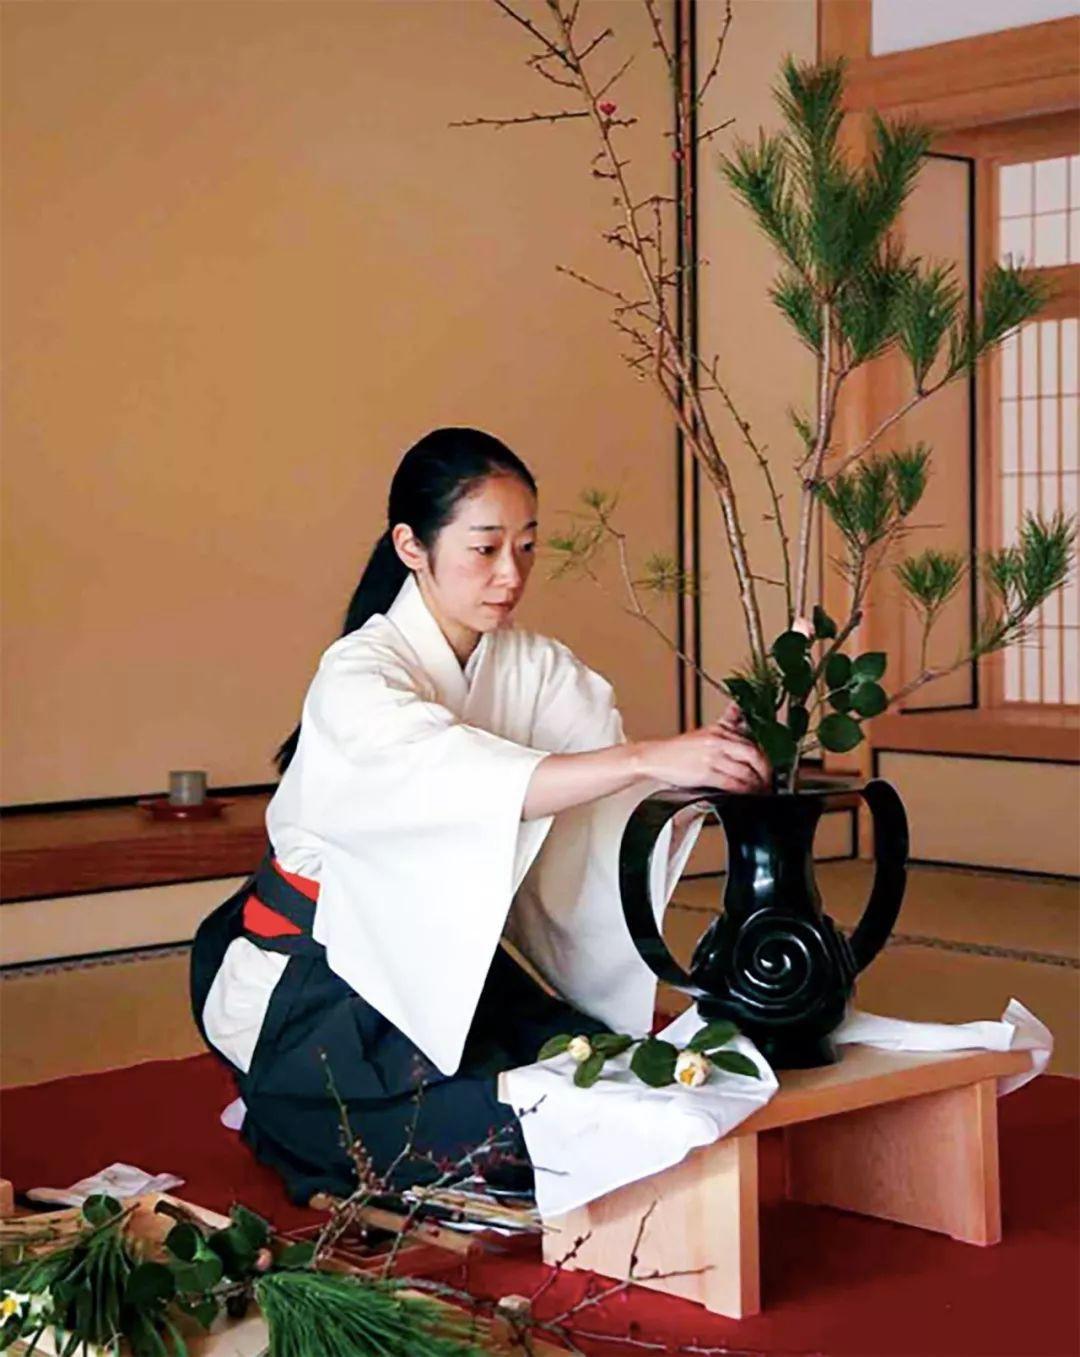 Sau 10 năm ẩn dật, người phụ nữ Nhật Bản trở thành kho báu quốc gia khi được mọi người mệnh danh là bậc thầy cắm hoa - Ảnh 4.